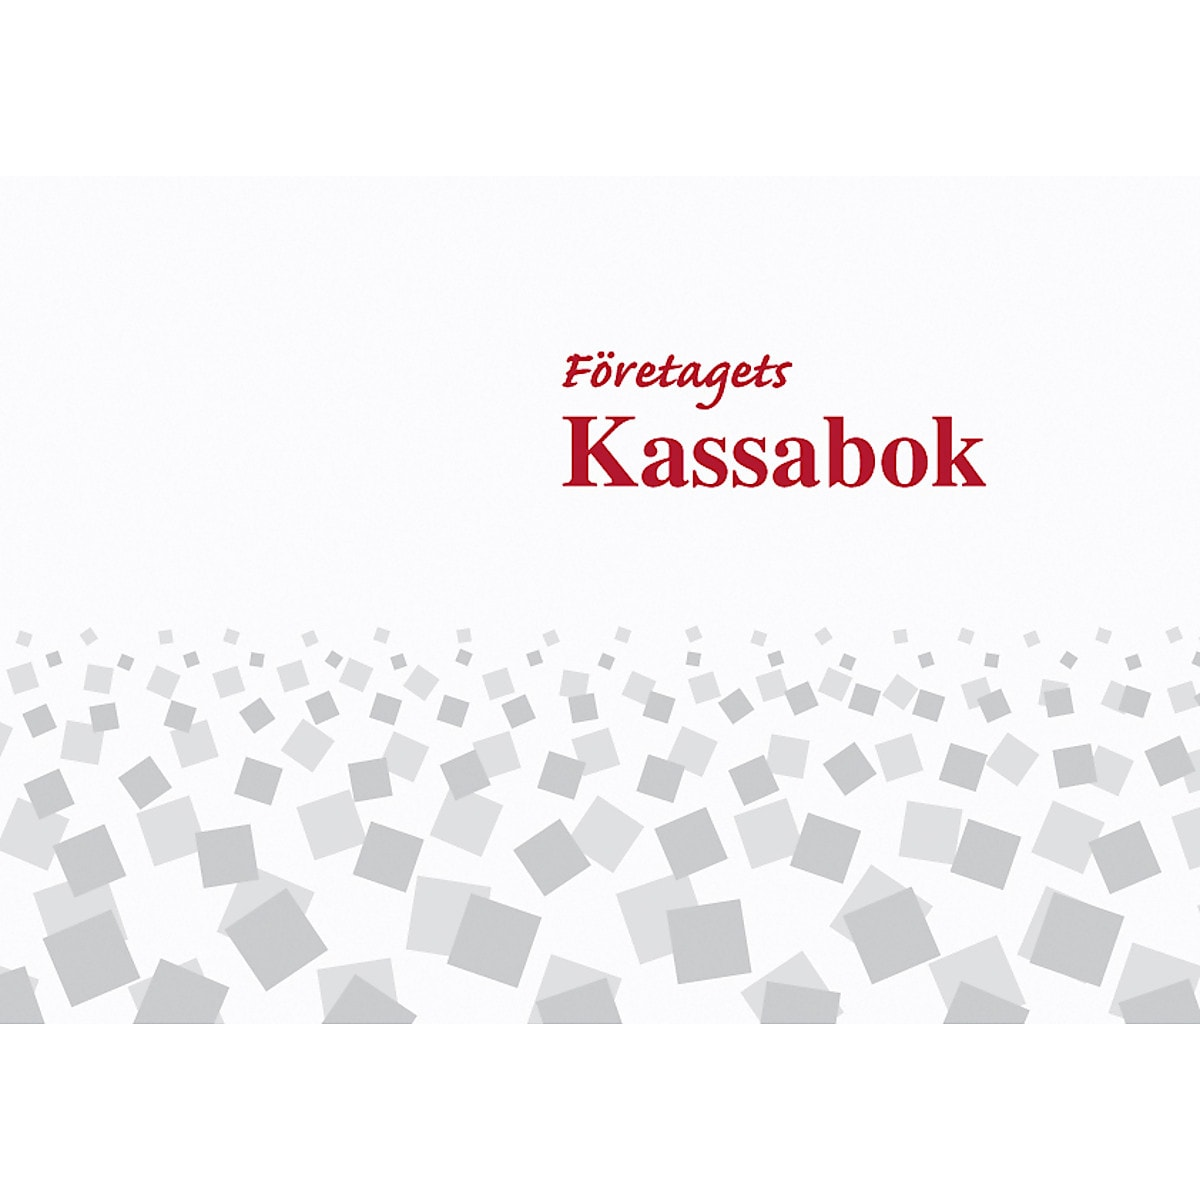 Företagets Kassabok, A4L